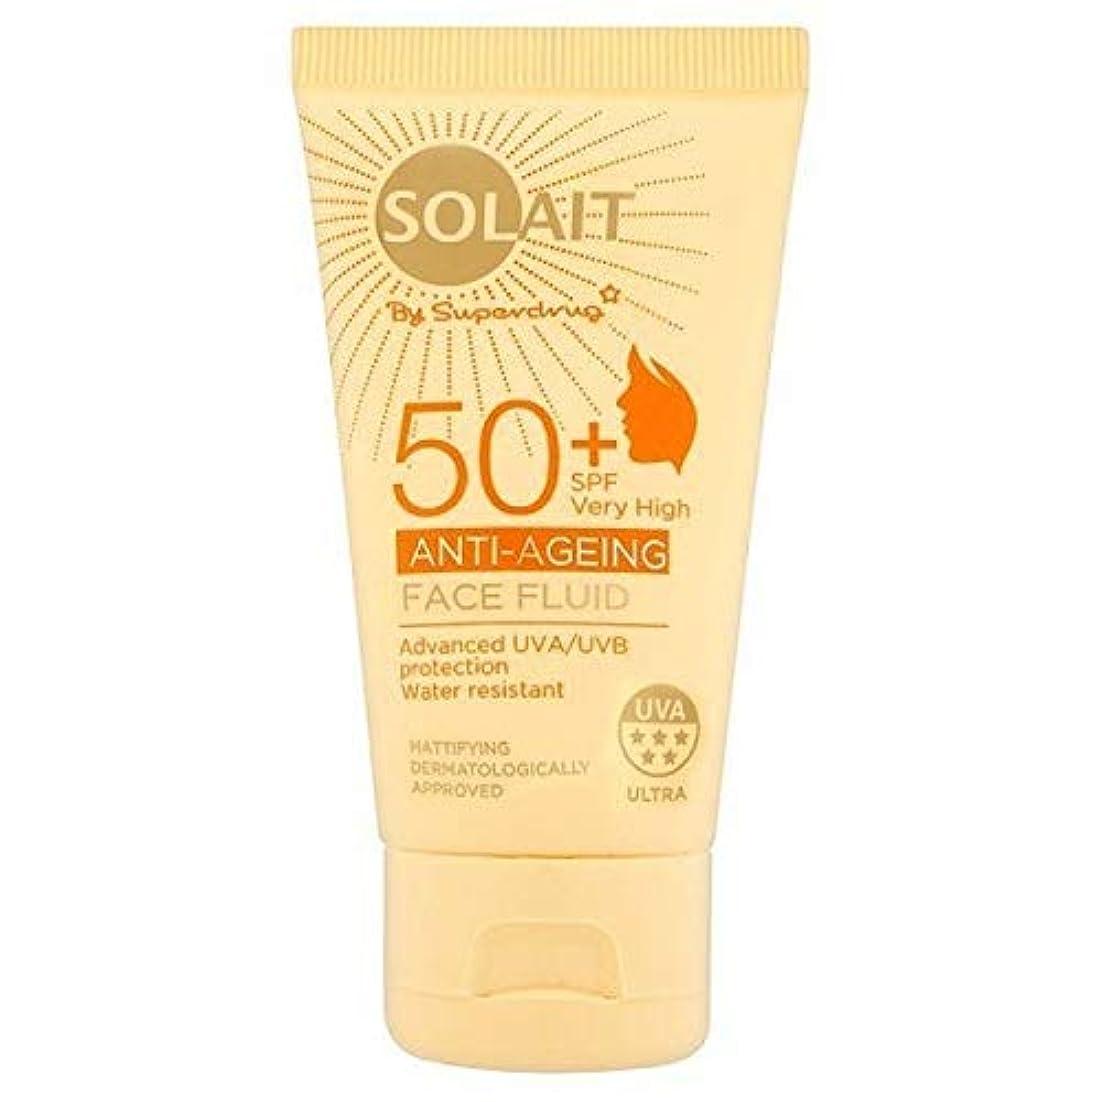 宣言する平均不透明な[Solait] Solait顔日クリームSpf50液の50ミリリットル - Solait Face Sun Cream Fluid SPF50 50ml [並行輸入品]